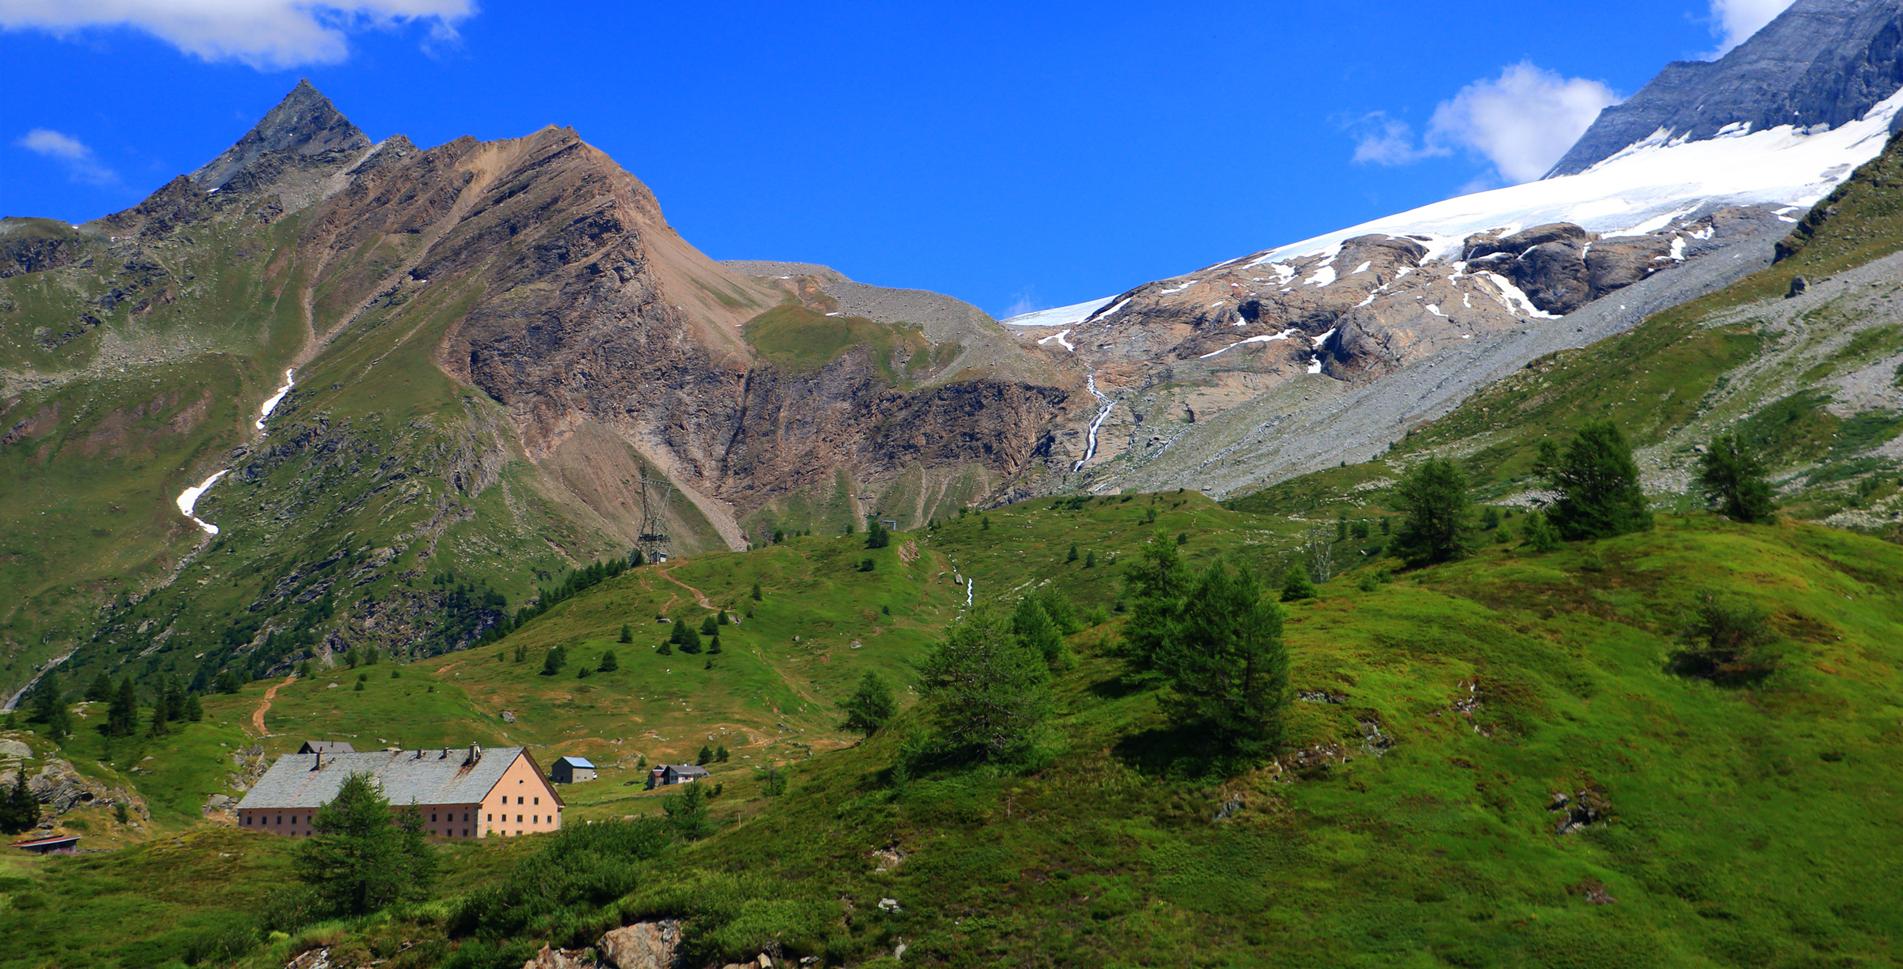 Wanderung auf dem Simplonpass: Stockalperweg Gondoschlucht